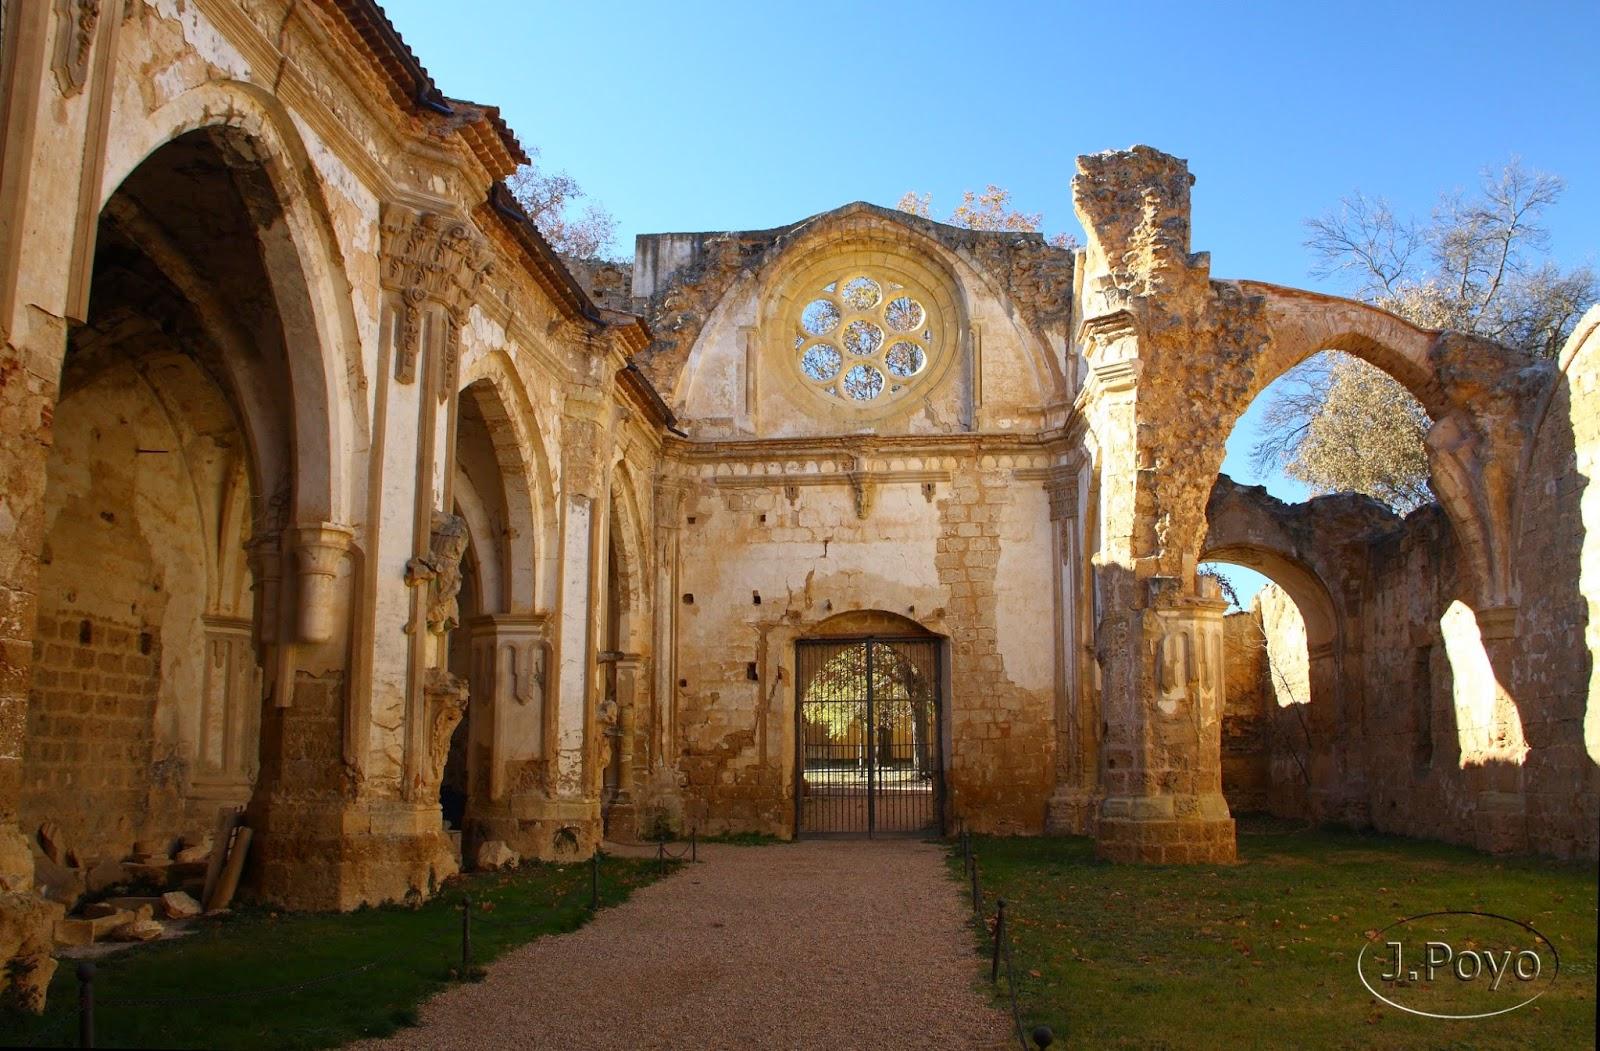 El monasterio de Piedra, Zaragoza